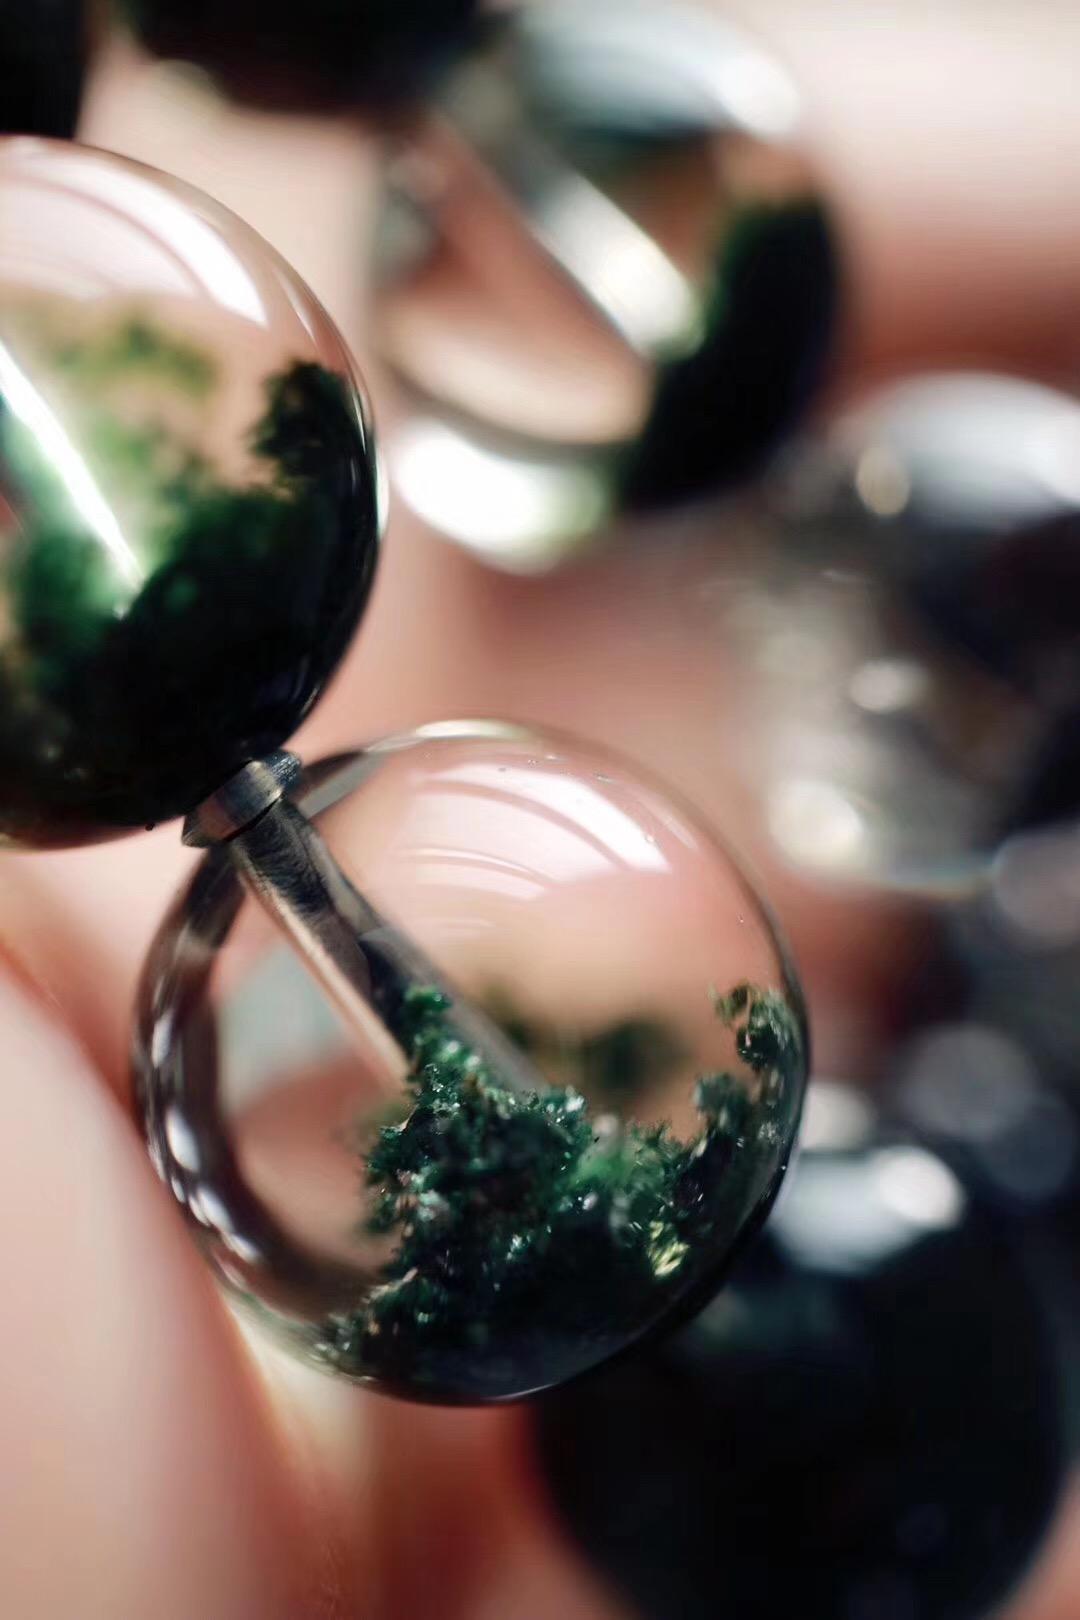 菩心   绿幽灵聚宝盆,罕见玻璃体通透无比-菩心晶舍